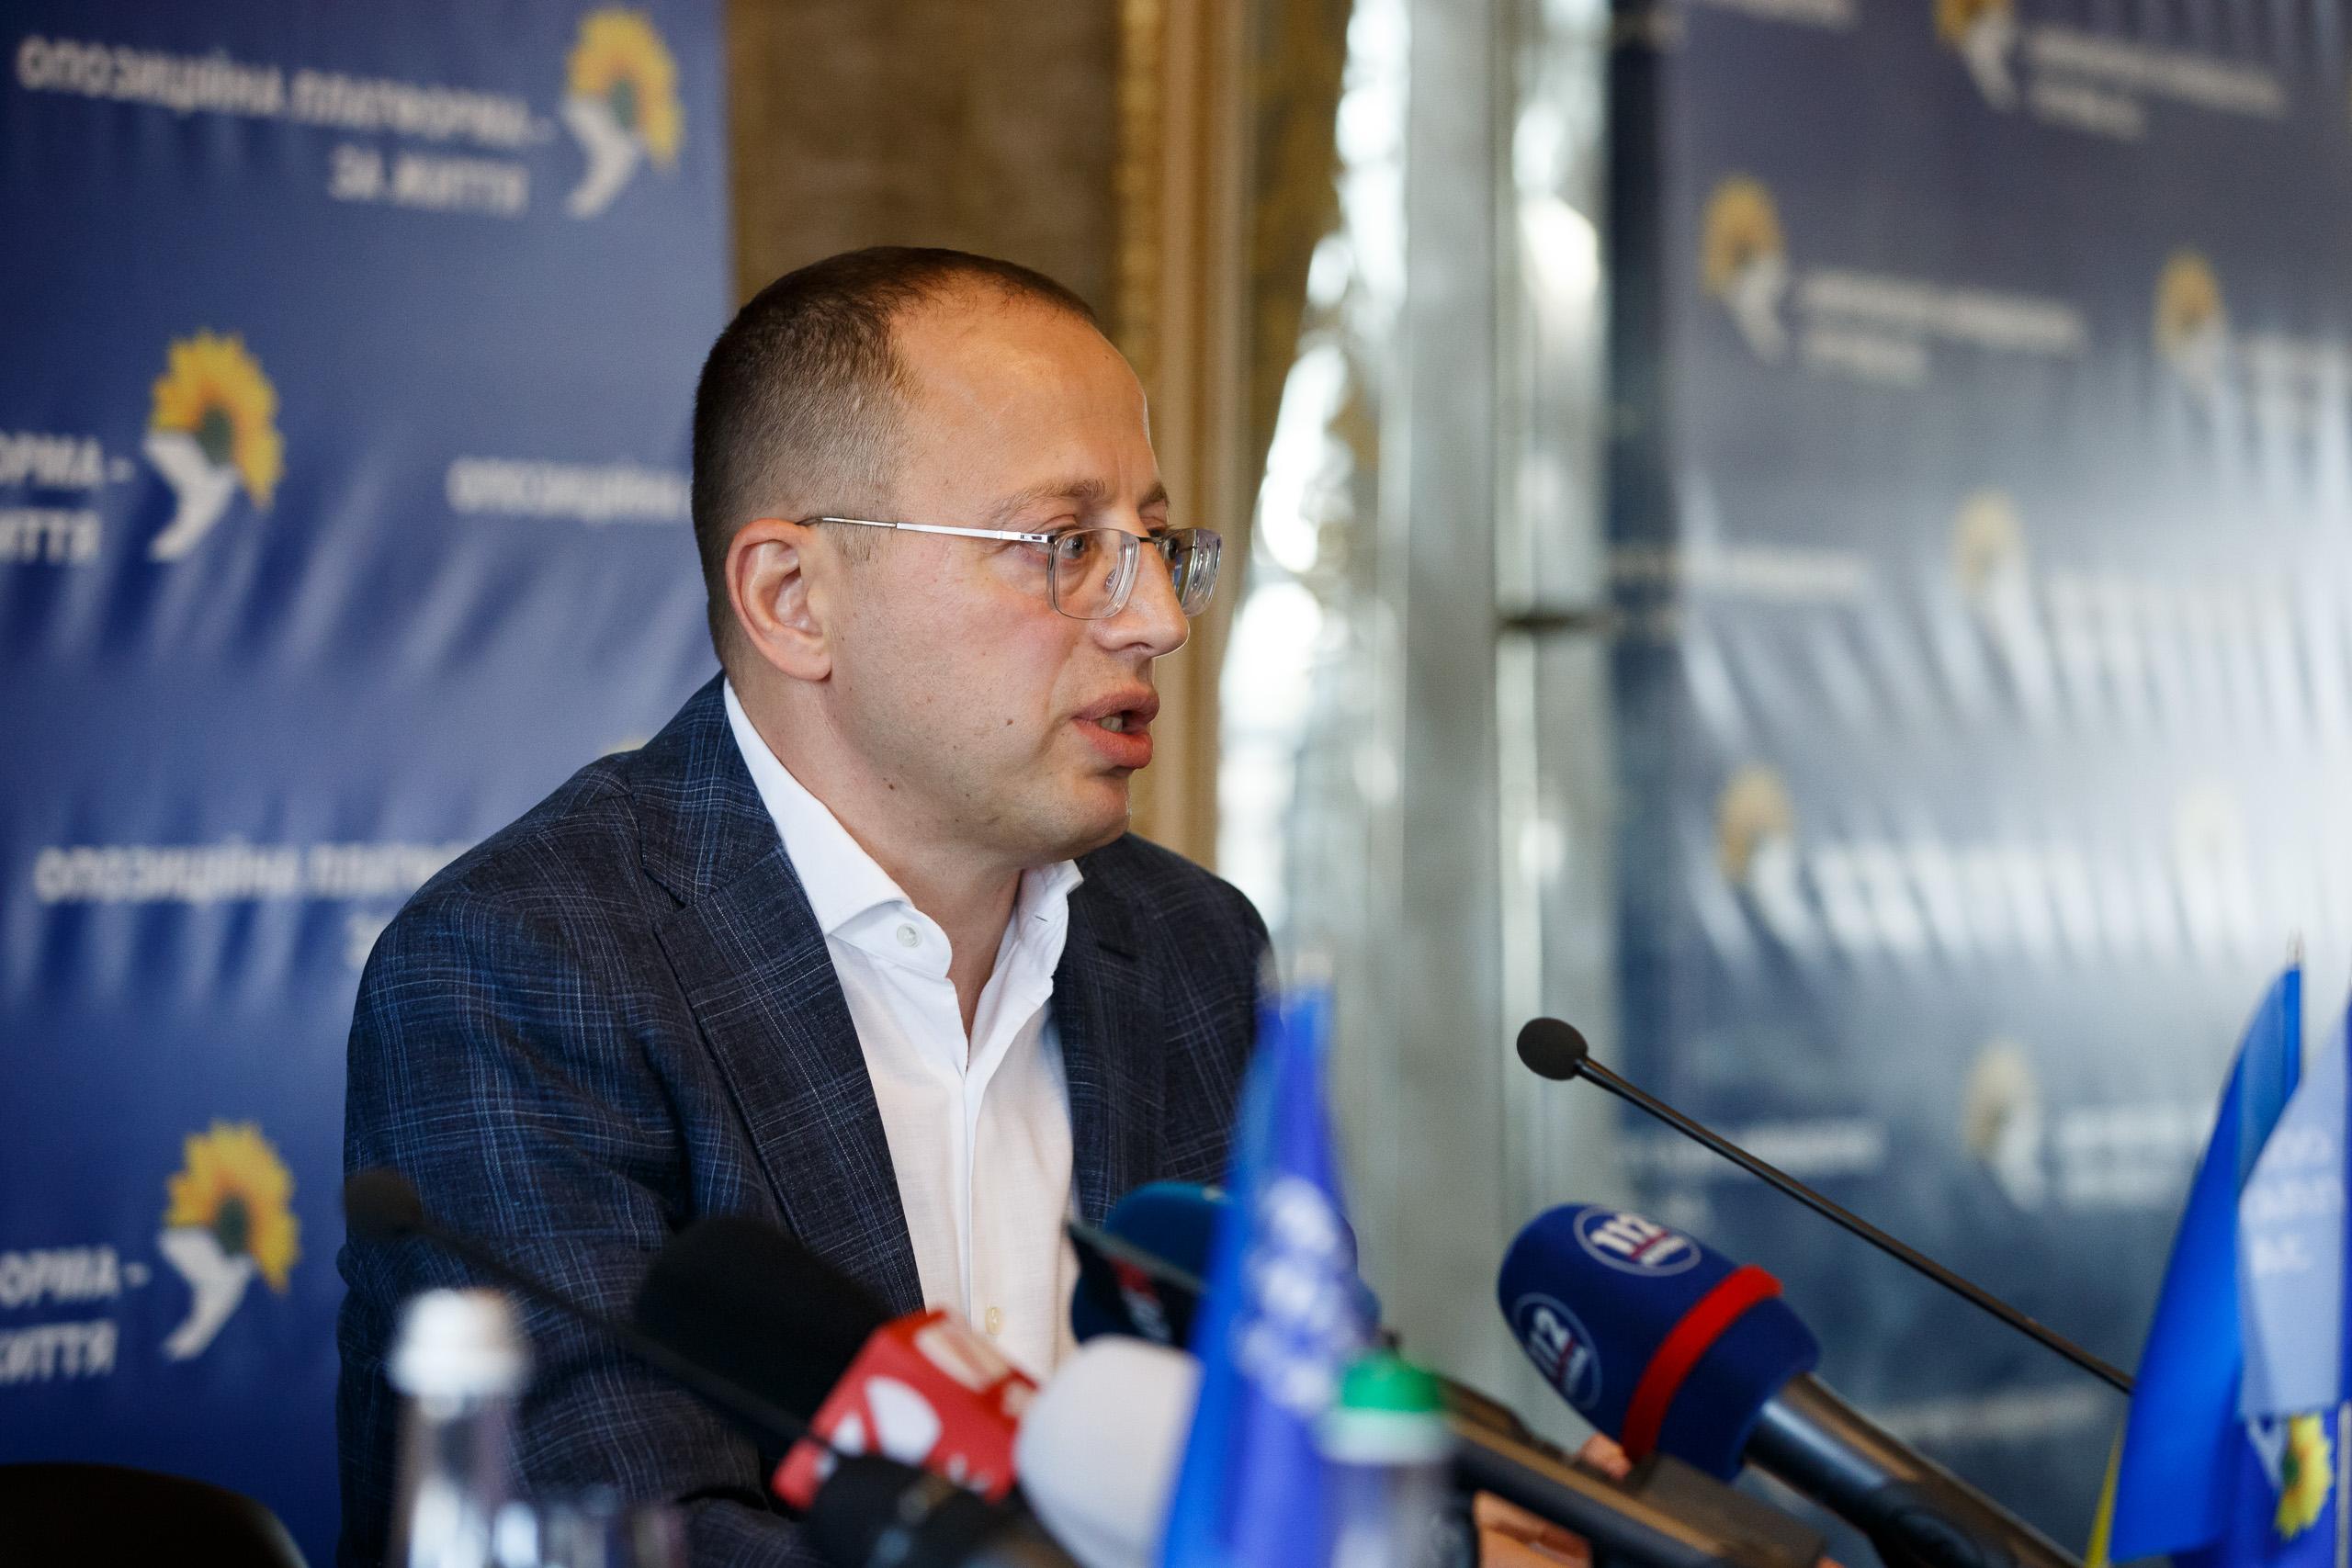 Геннадий Гуфман: «Наши проекты в Днепре направлены на долгосрочные отношения с избирателями». Новости Днепра